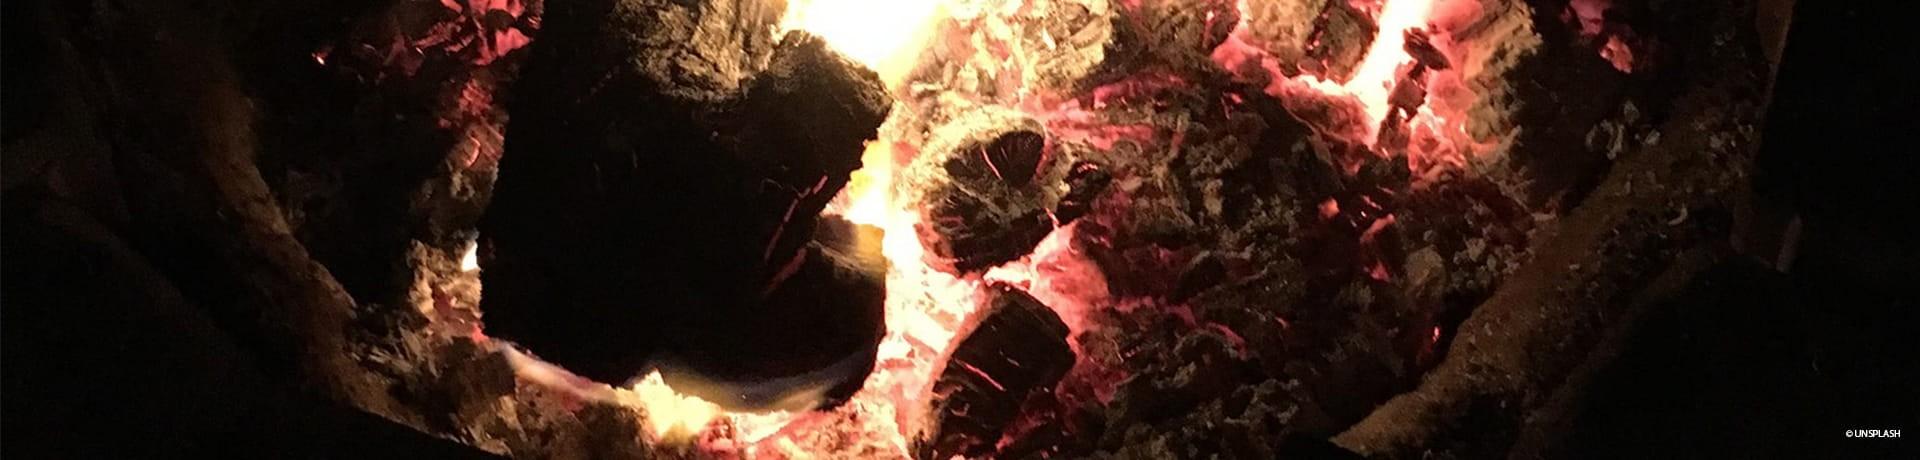 Full Size of Feuerstelle Garten Gestalten Feuerstellen Im Selber Bauen Und Freizeit Spielgerät Spielhaus Kunststoff Essgruppe Loungemöbel Holz Kugelleuchten Wohnzimmer Feuerstelle Garten Gestalten